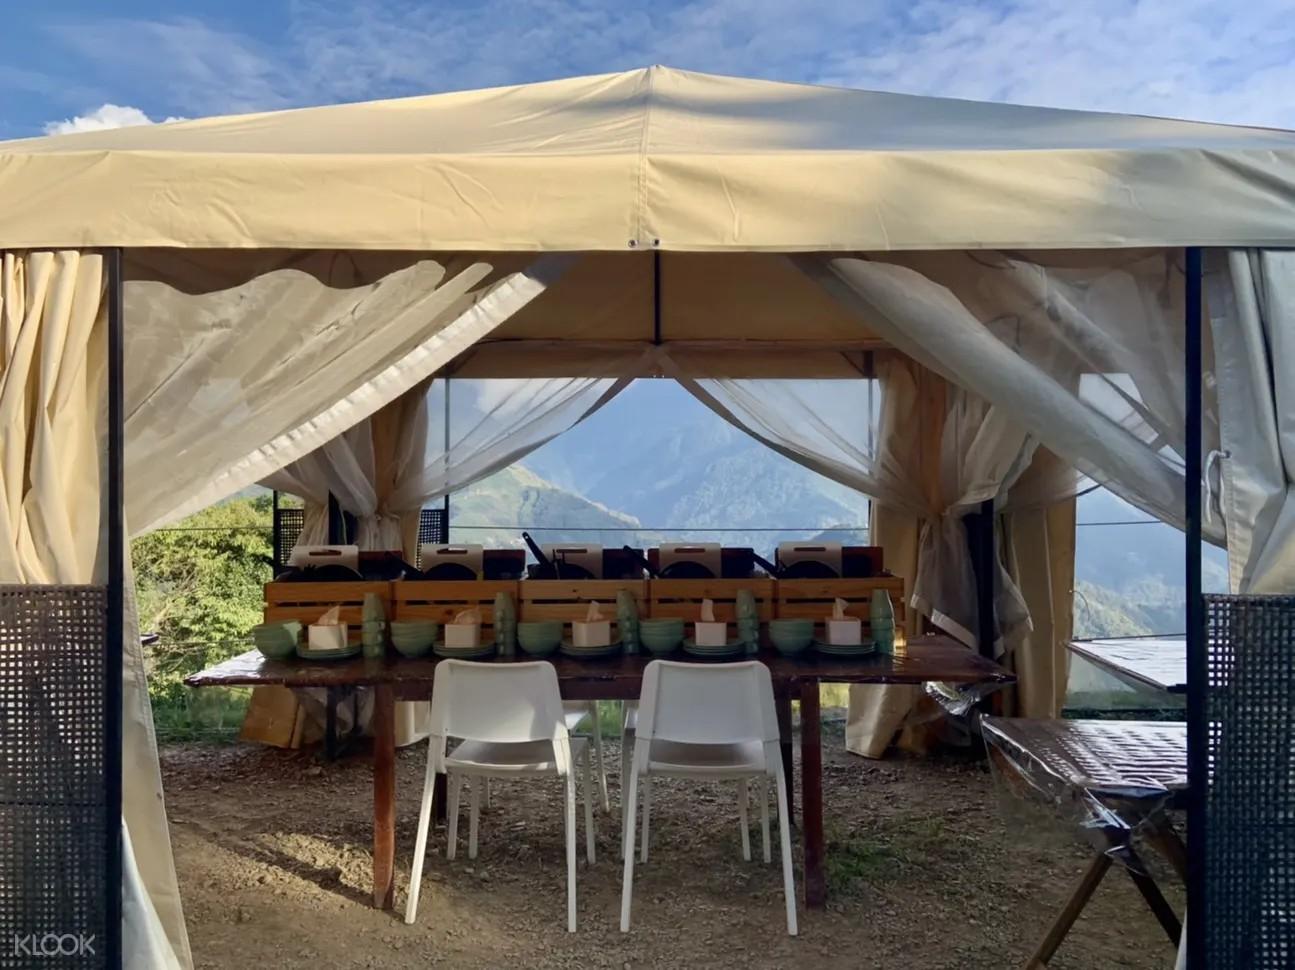 清境農場露營,南投露營推薦,清境免裝備露營,朵娜朵露營區,朵娜朵,免裝備露營,白鐘型帳篷,炊事帳